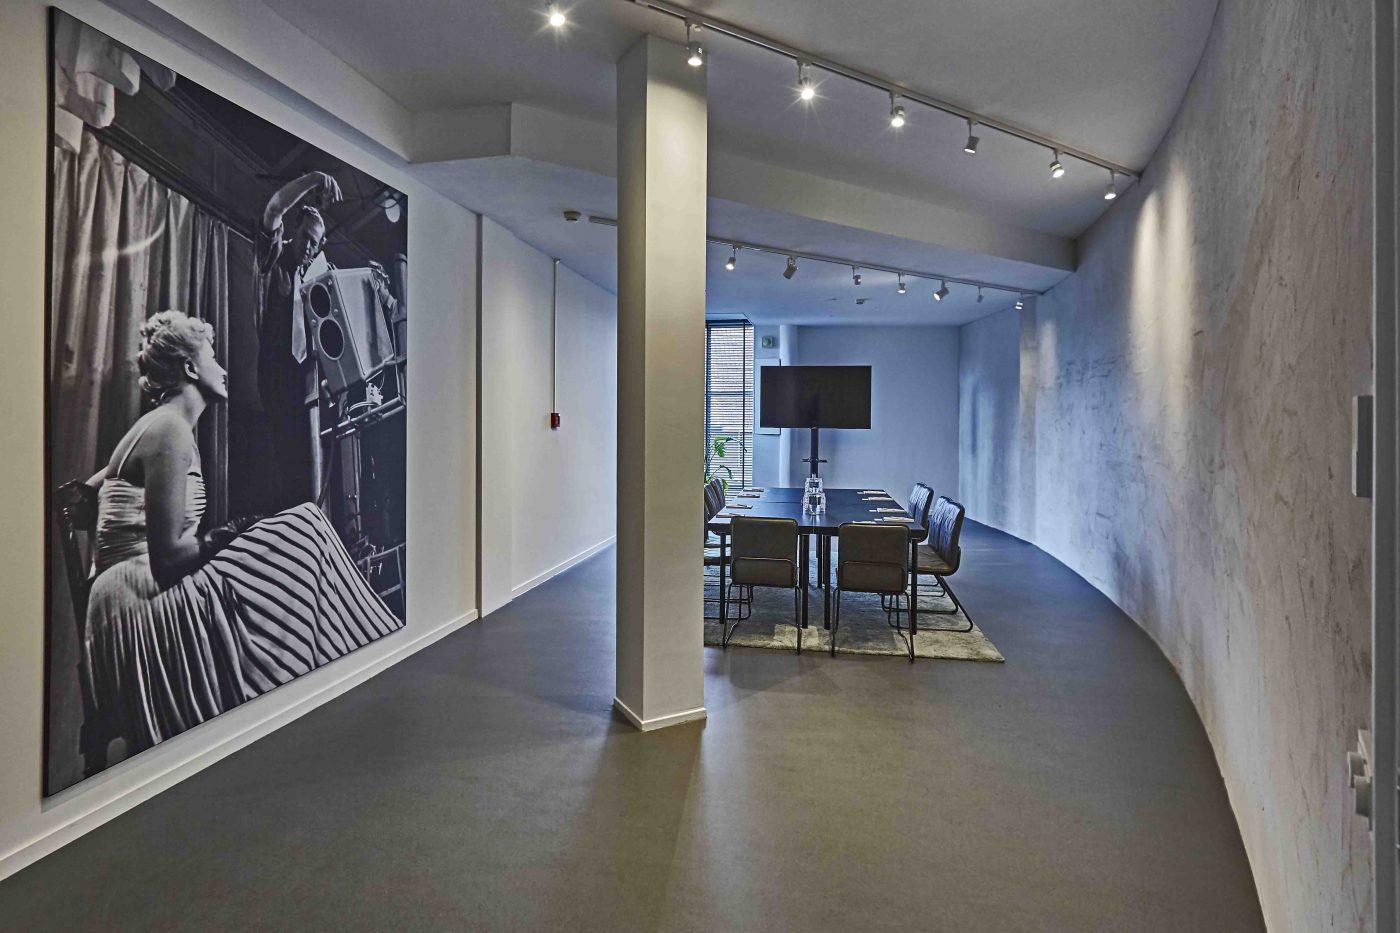 Erik de Vries Room in standaard opstelling bij Gooiland in Hilversum.